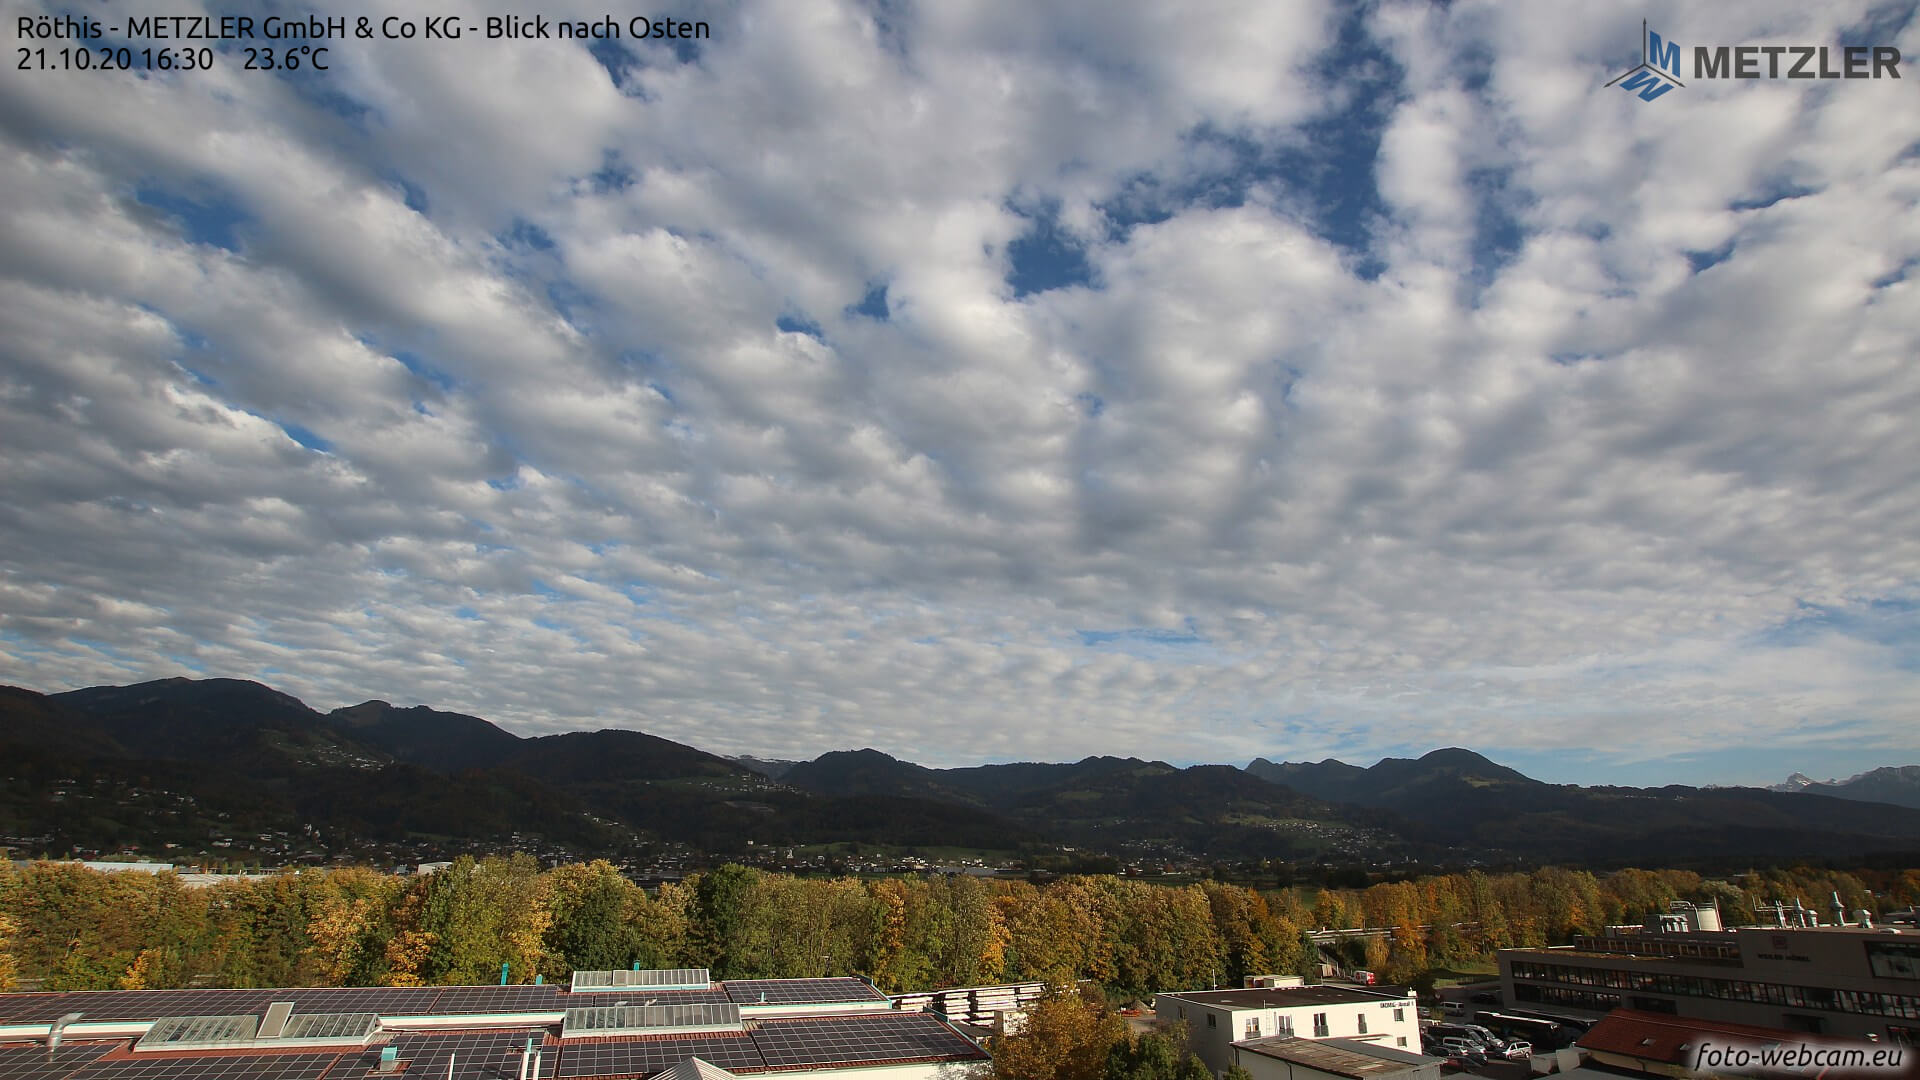 Am Donnerstag trotz mehr Wolken mild und trocken